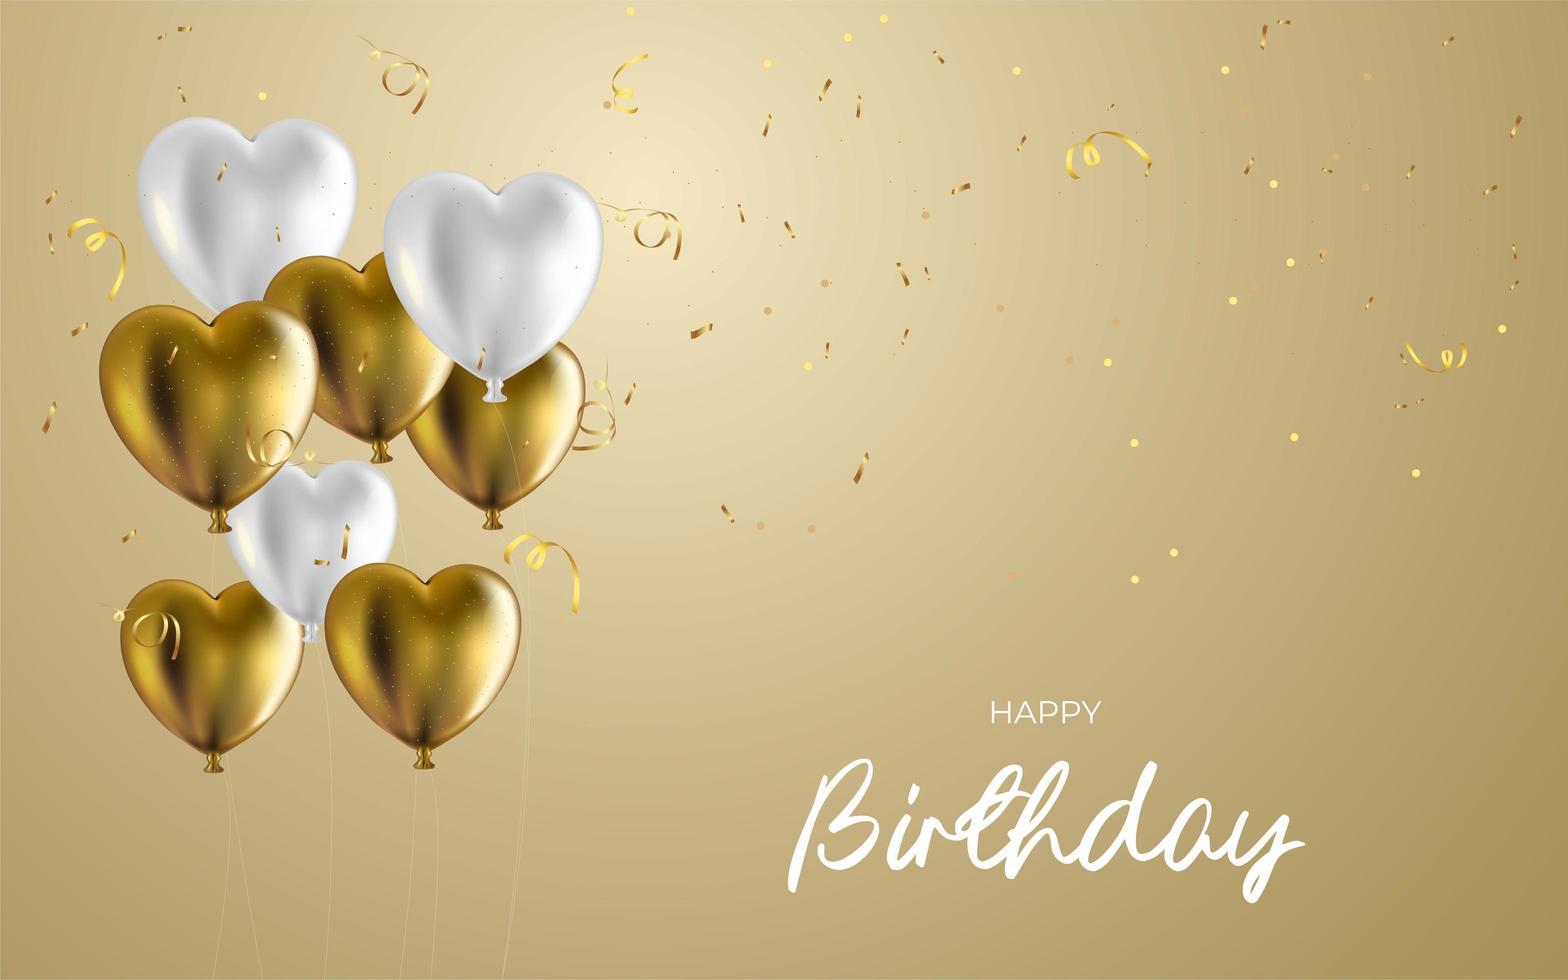 modelo de banner de feliz aniversário com balões realistas. vetor